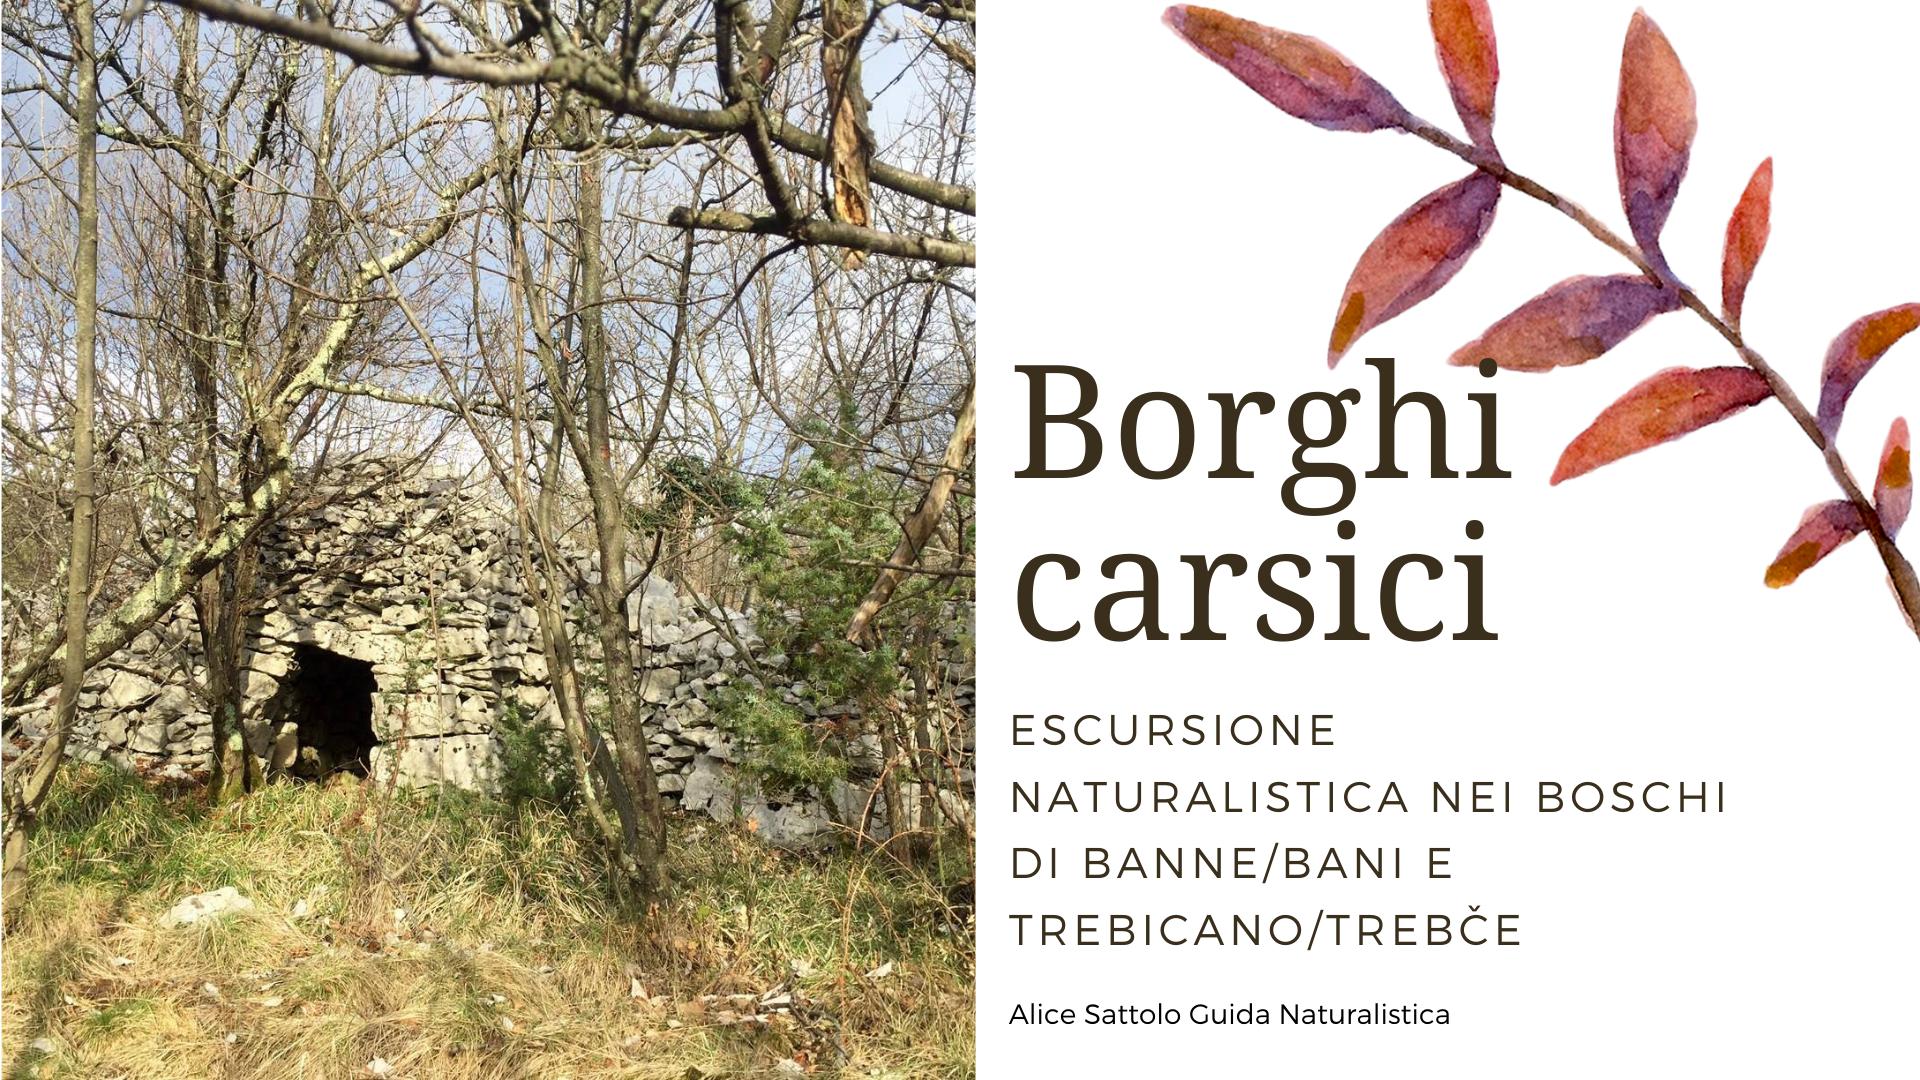 Borghi Carsici – I Boschi di Banne e Trebiciano